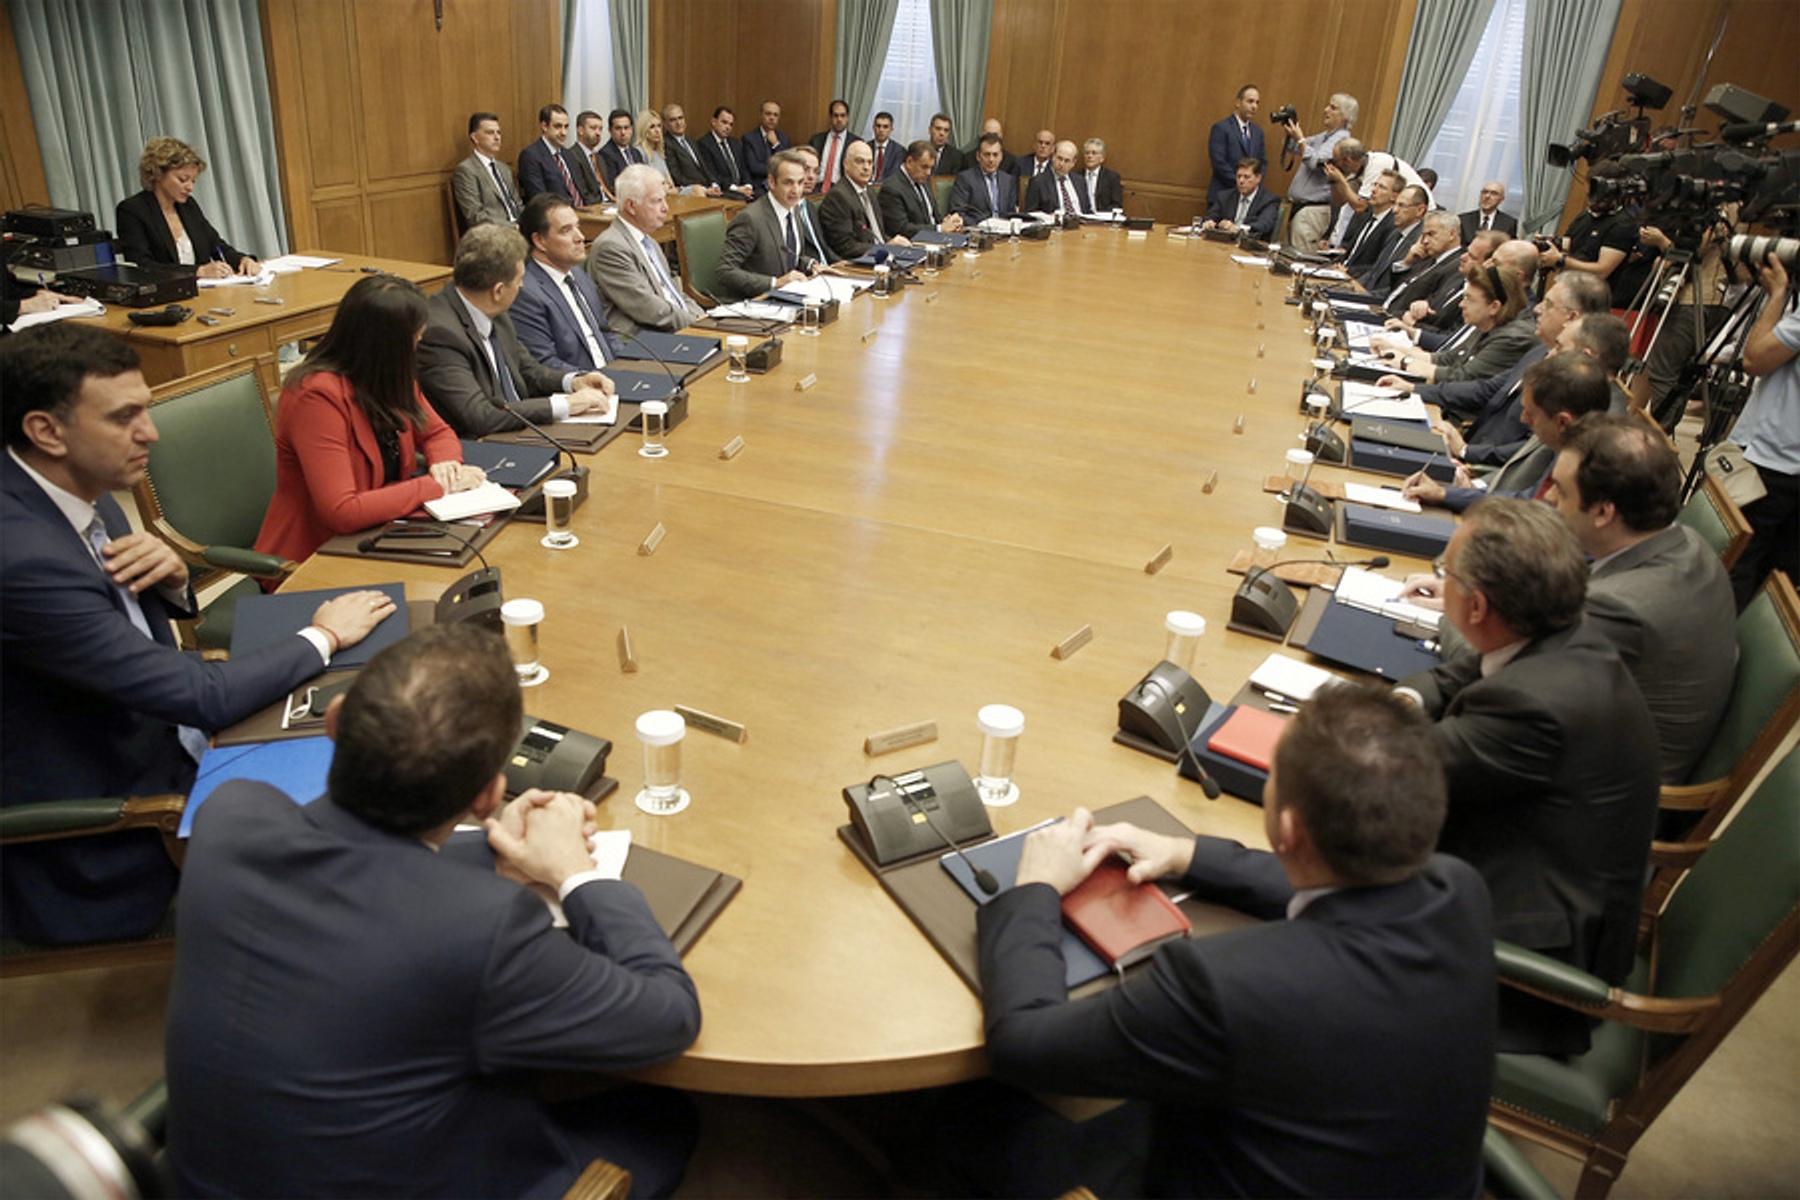 Αποτέλεσμα εικόνας για υπουργικο συμβουλιο